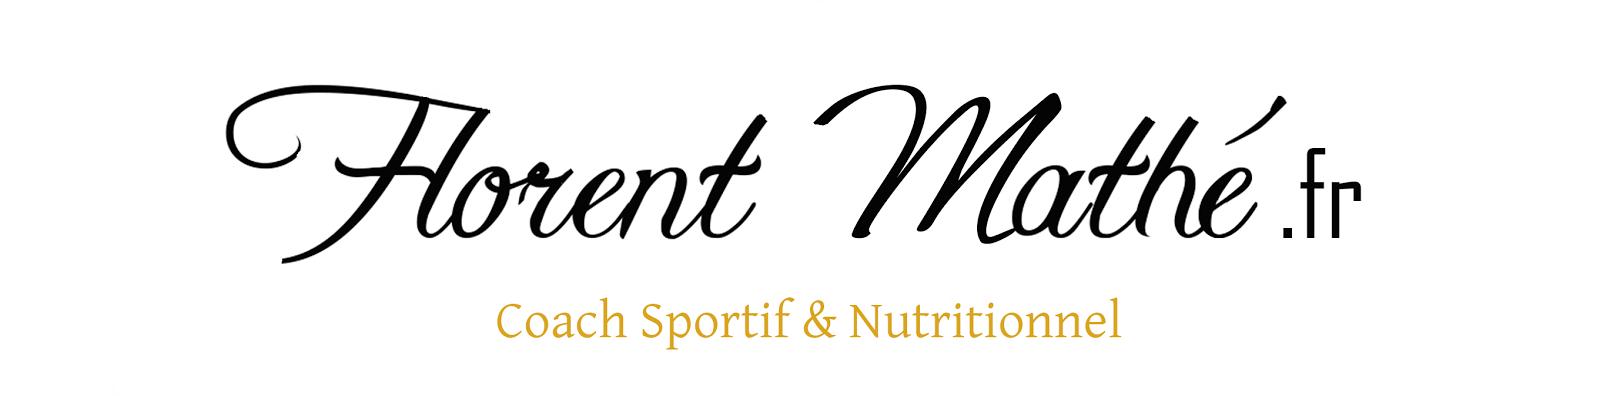 Florent MATHE - Coach Sportif et Nutritionel sur Paris / Issy / Boulogne